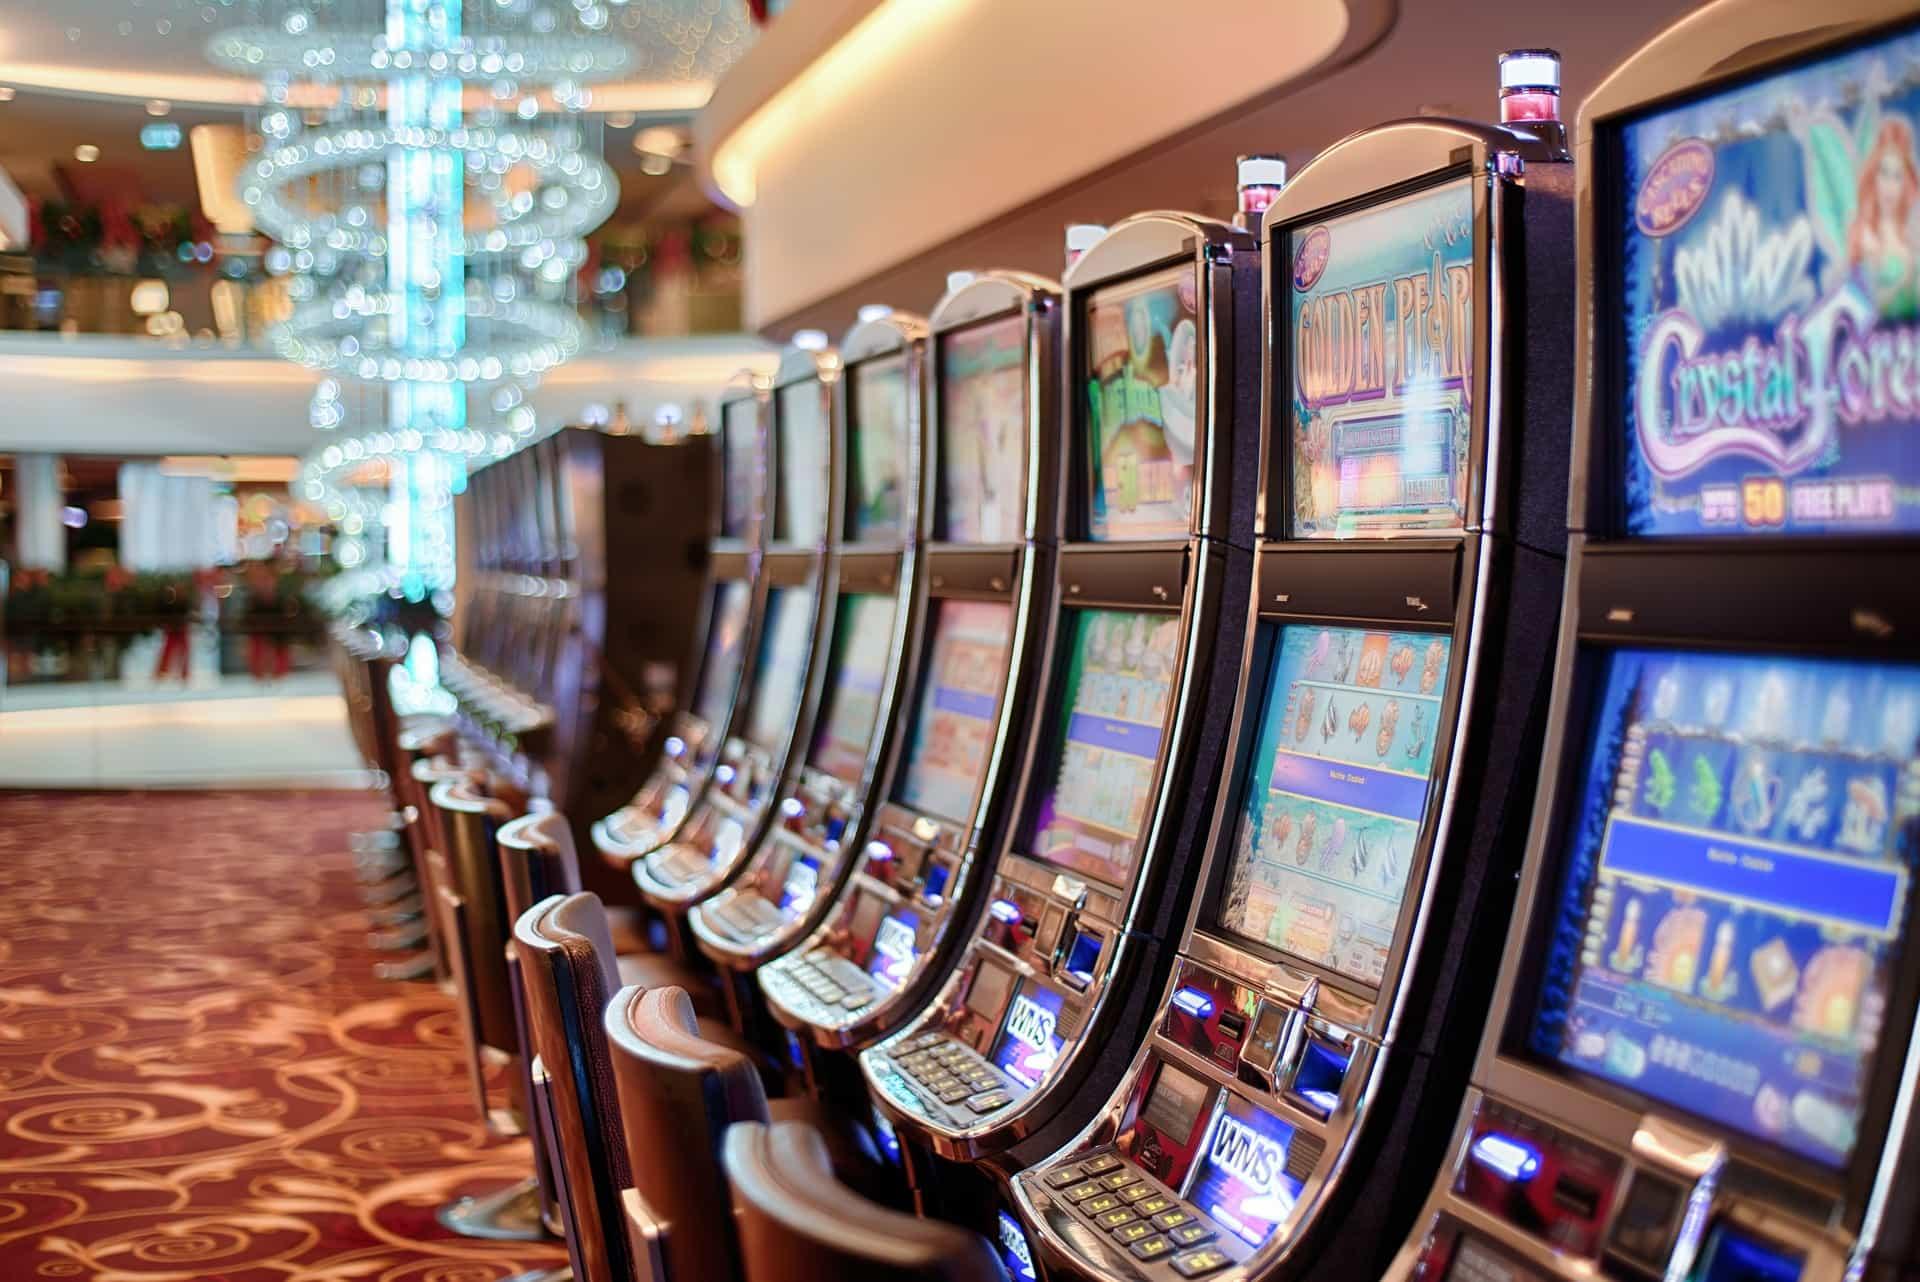 Gokken spelregels